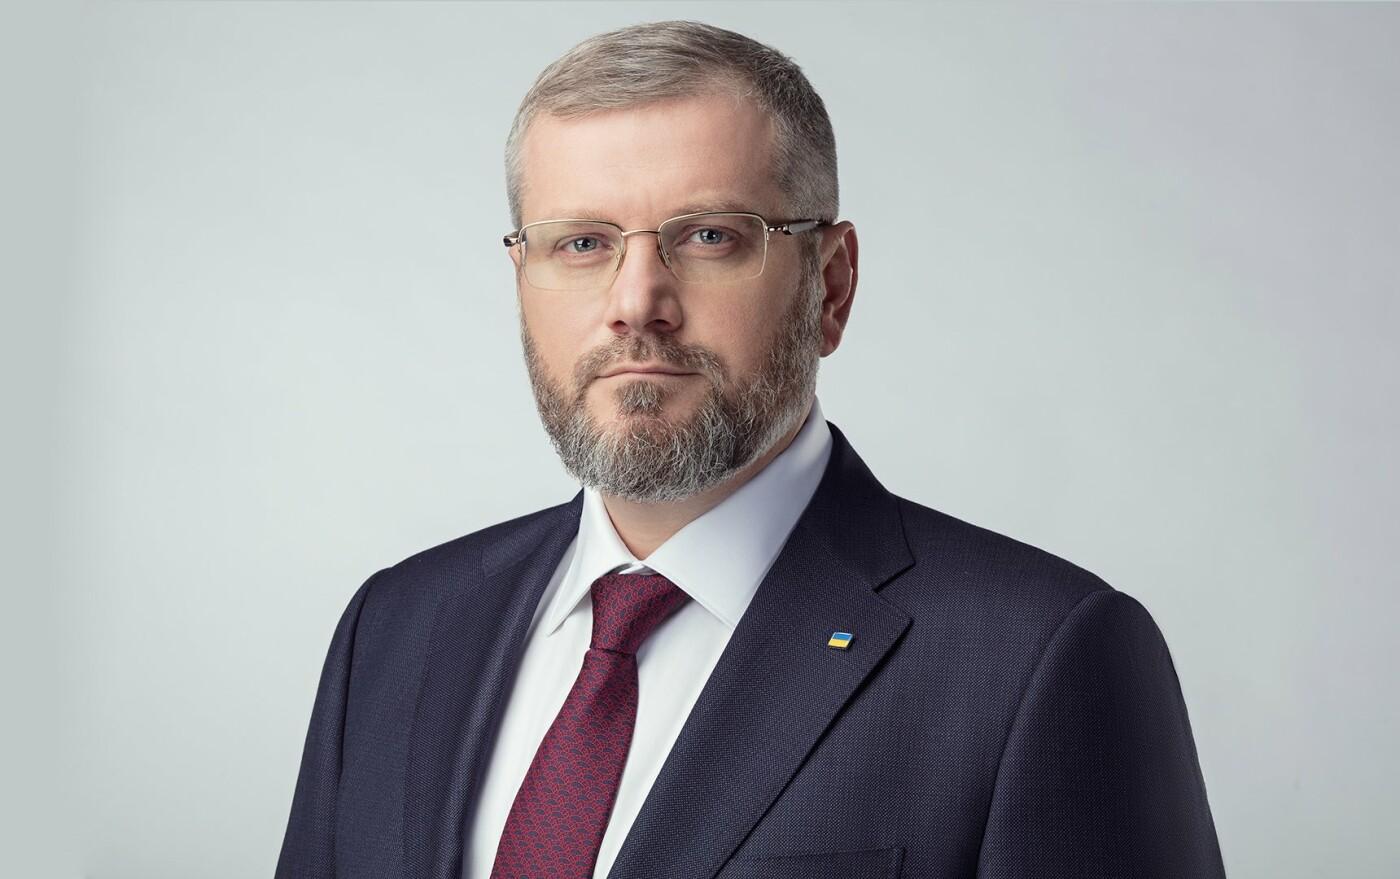 Вилкул: Послезавтра, в годовщину аварии на ЧАЭС, мы услышим от власти, которая лишила чернобыльцев льгот и поддержки, очередные циничные вы..., фото-1